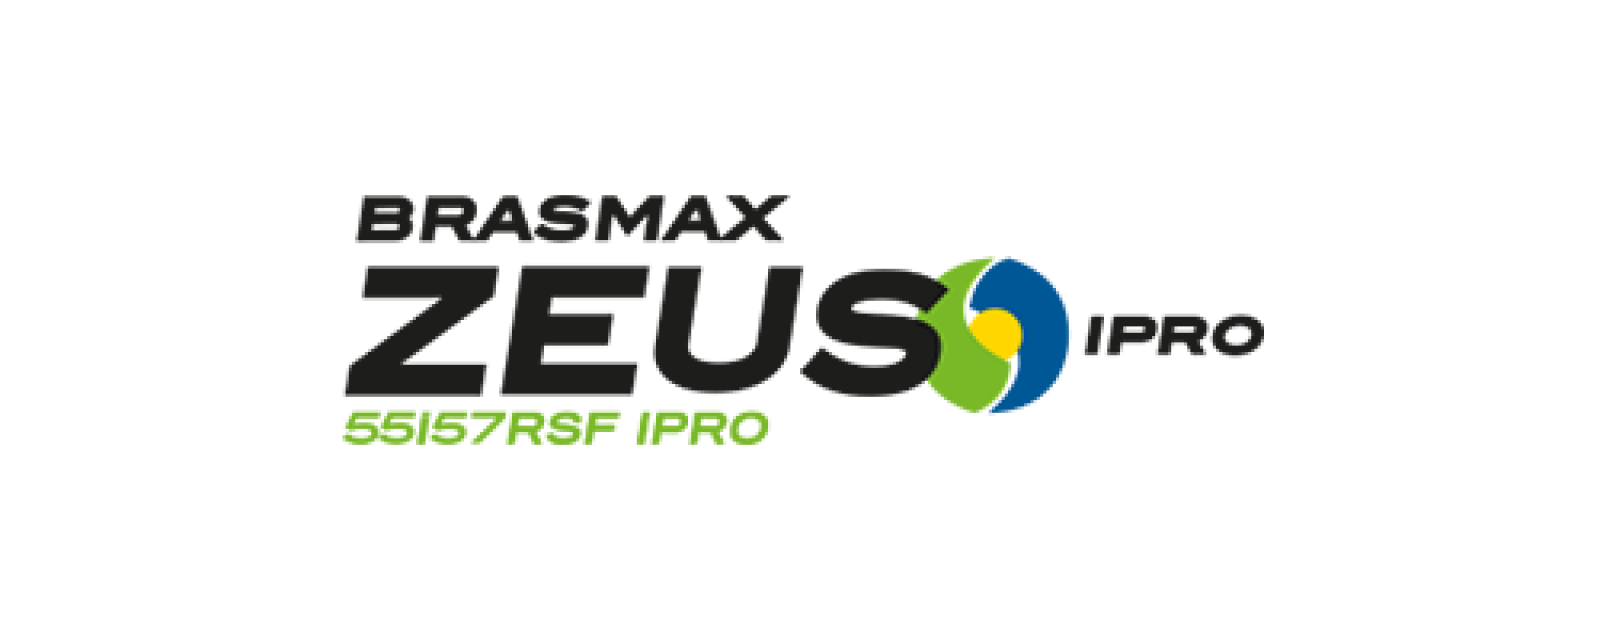 BRASMAX ZEUS